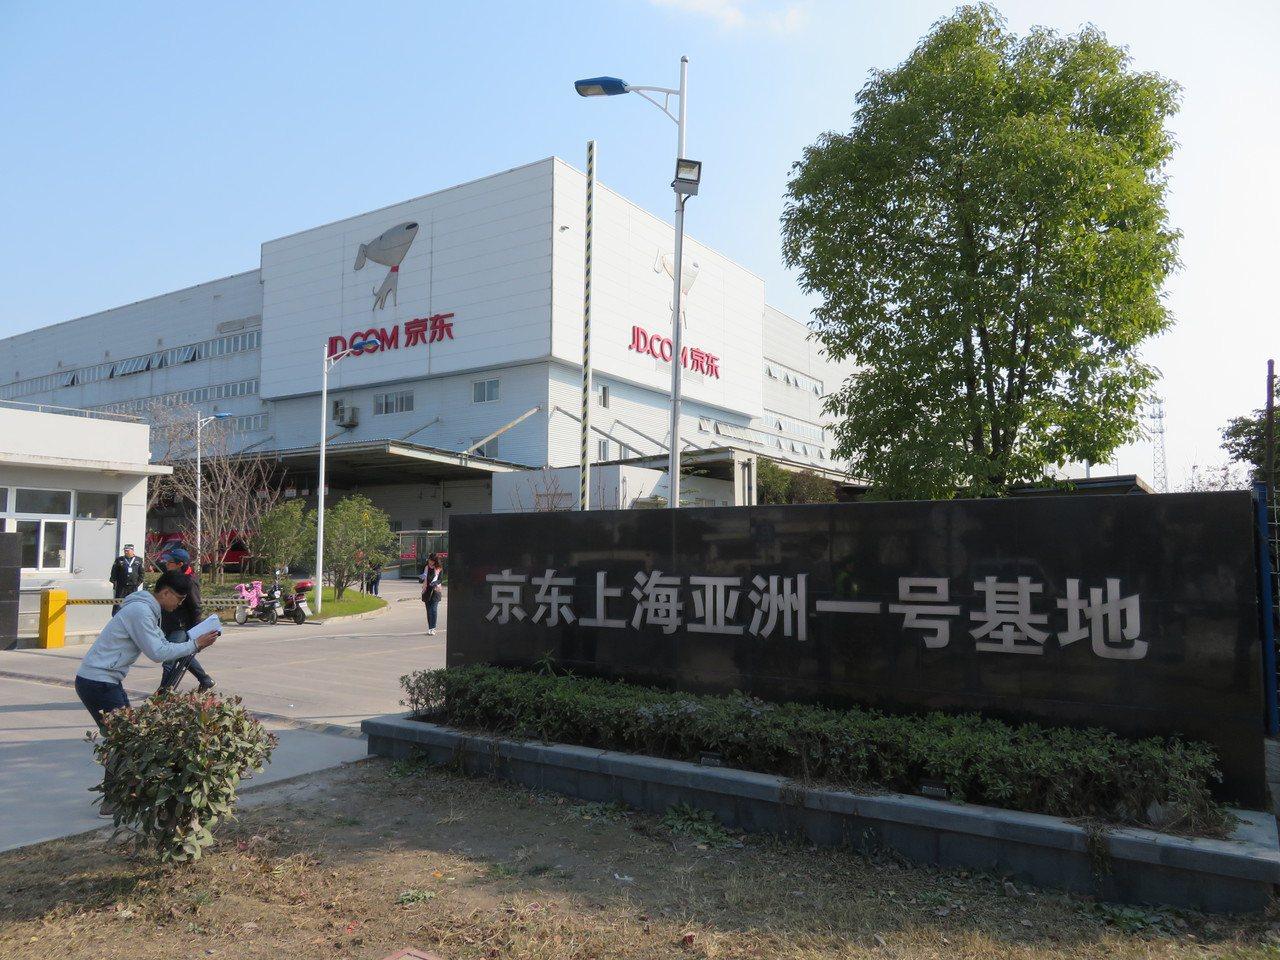 京東位於上海嘉定的上海物流中心—「亞洲一號」,面積超過14個足球場。目前創下的紀...